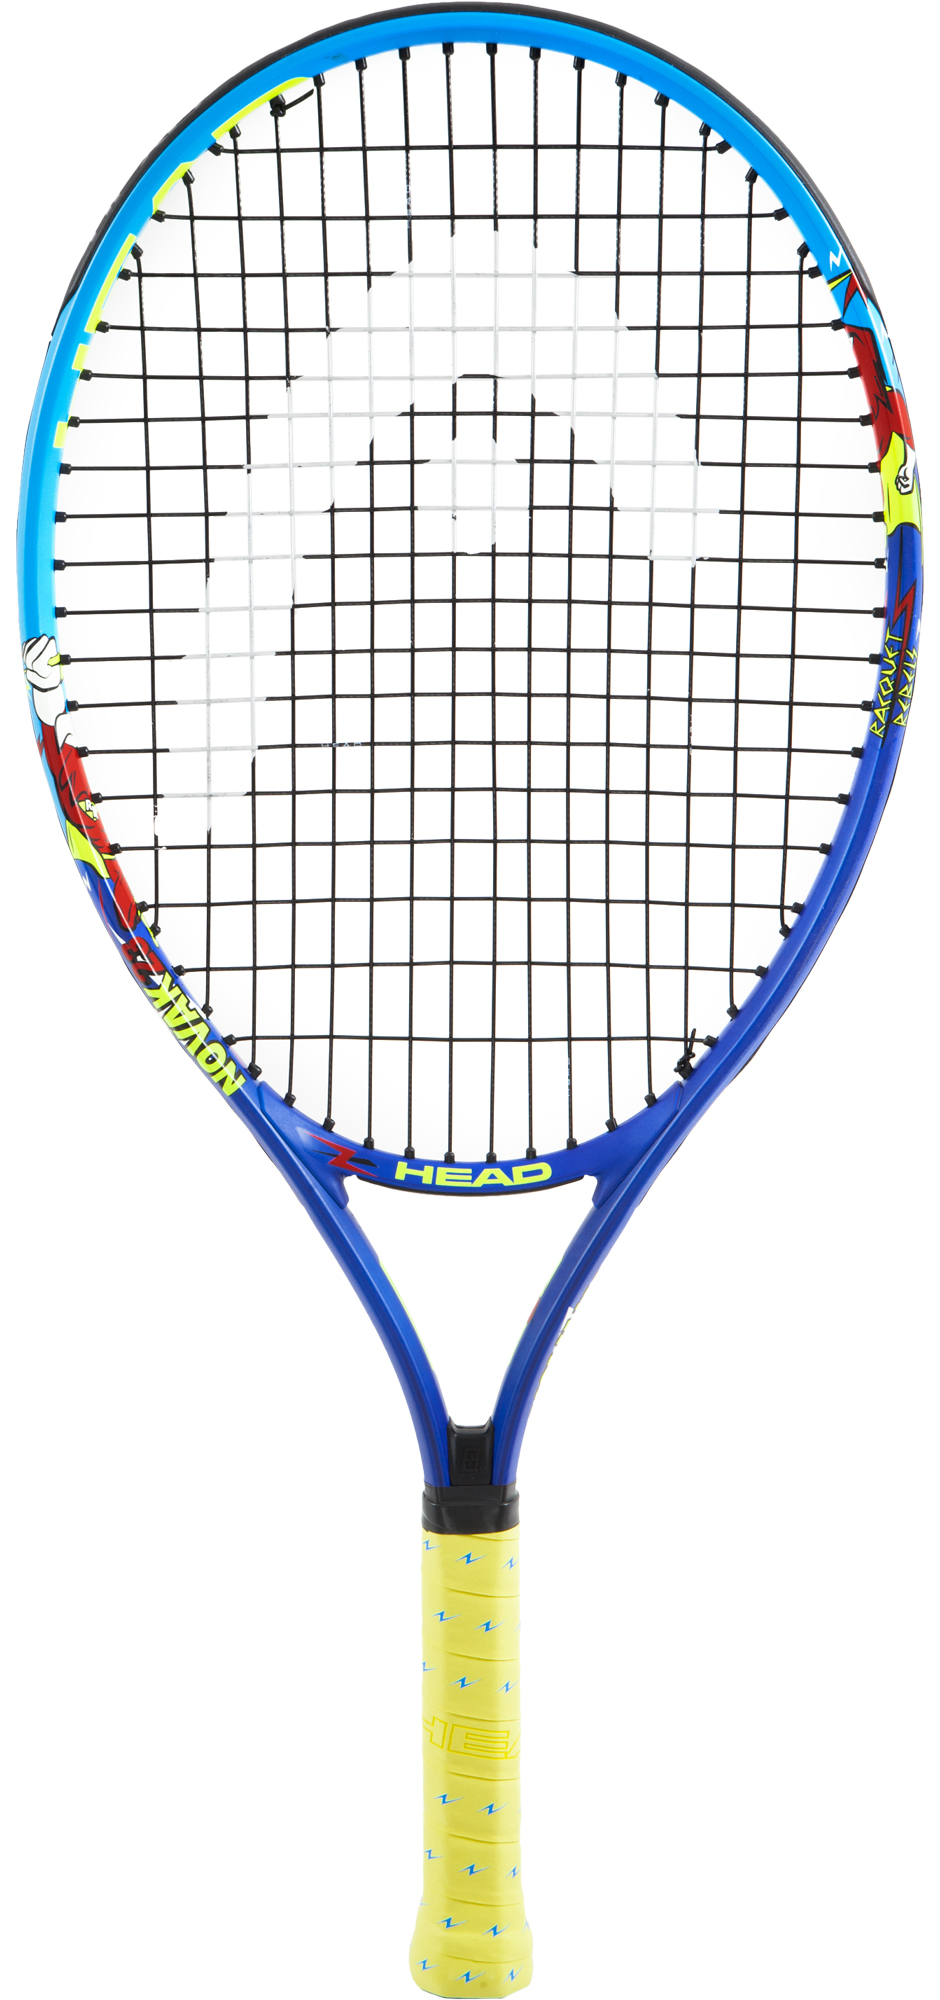 Head Ракетка для большого тенниса детская Head Novak 23, размер Без размера head ракетка для большого тенниса детская head novak 23 размер без размера